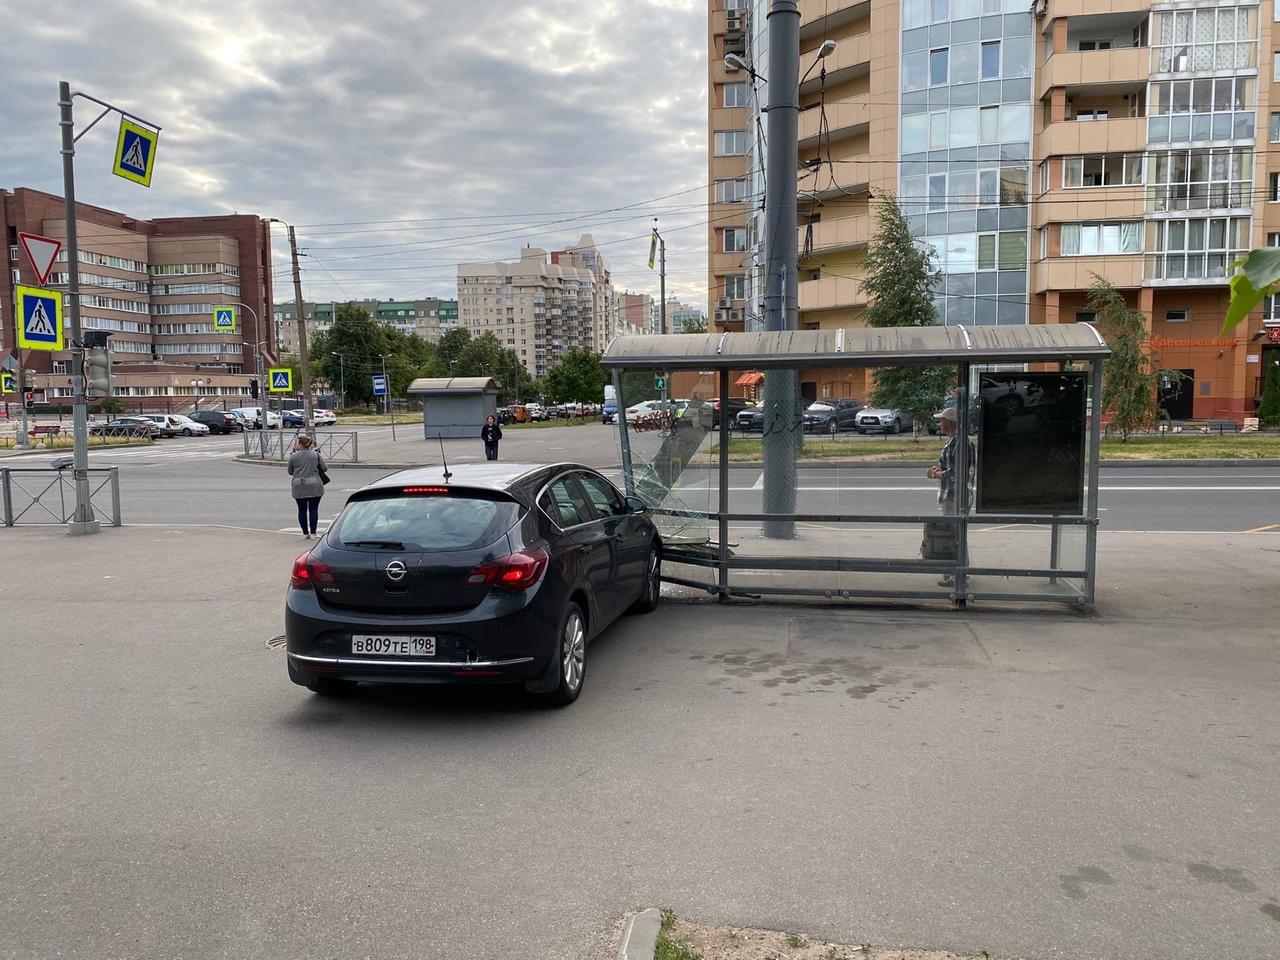 Водитель Опеля в сао снес остановку , на пересечение Сикейроса и Есенина , пострадавших нет .